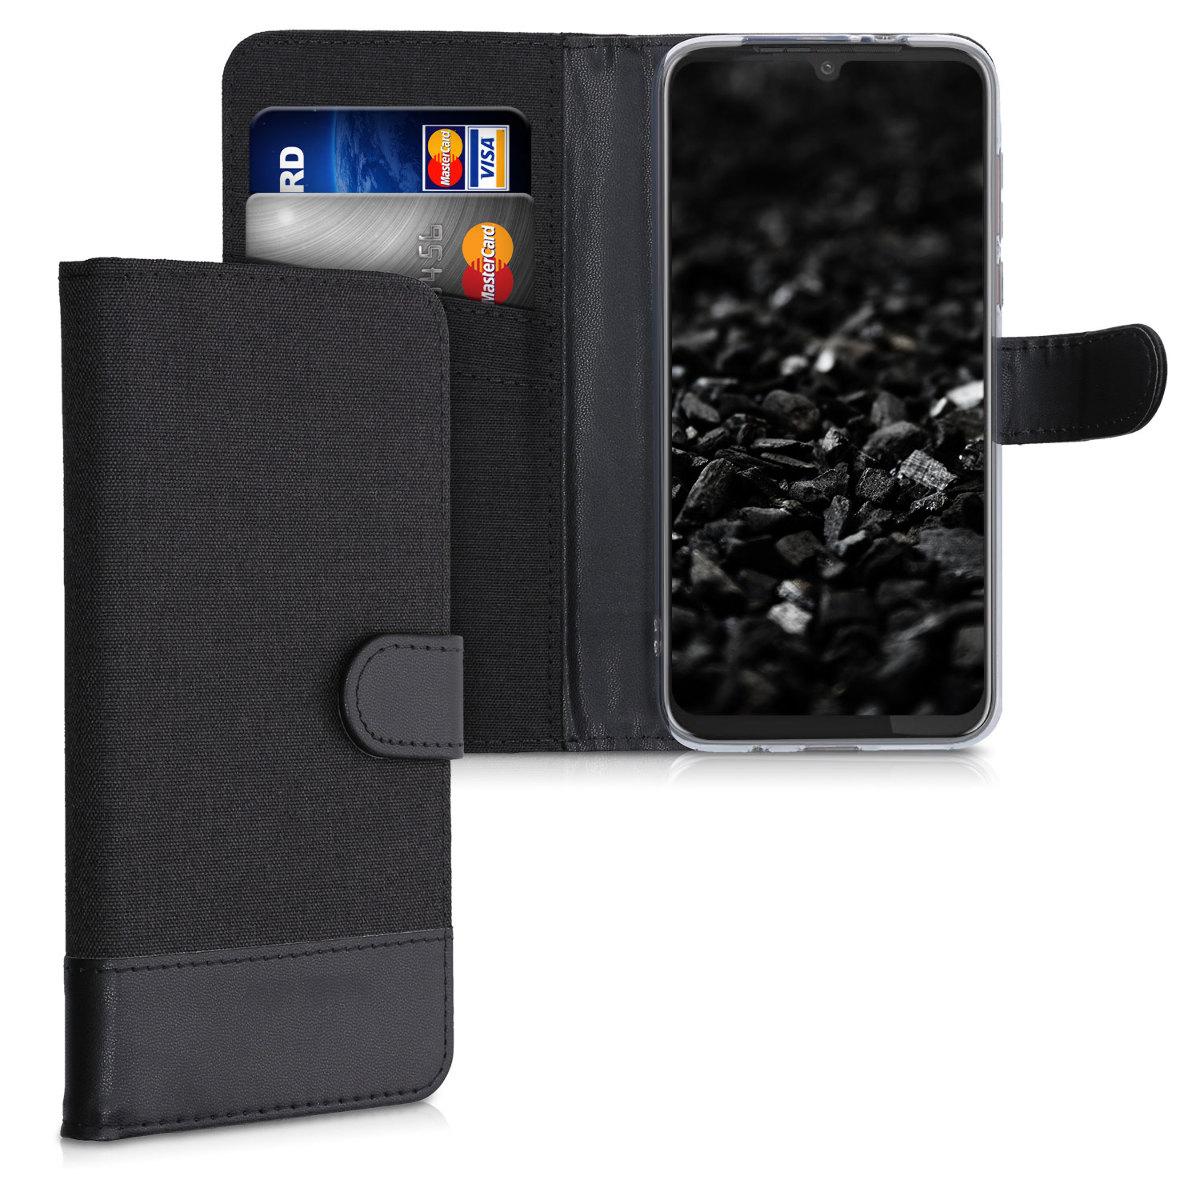 Textilní látkové pouzdro | obal pro Motorola Moto G8 Plus - Antracitová / černá